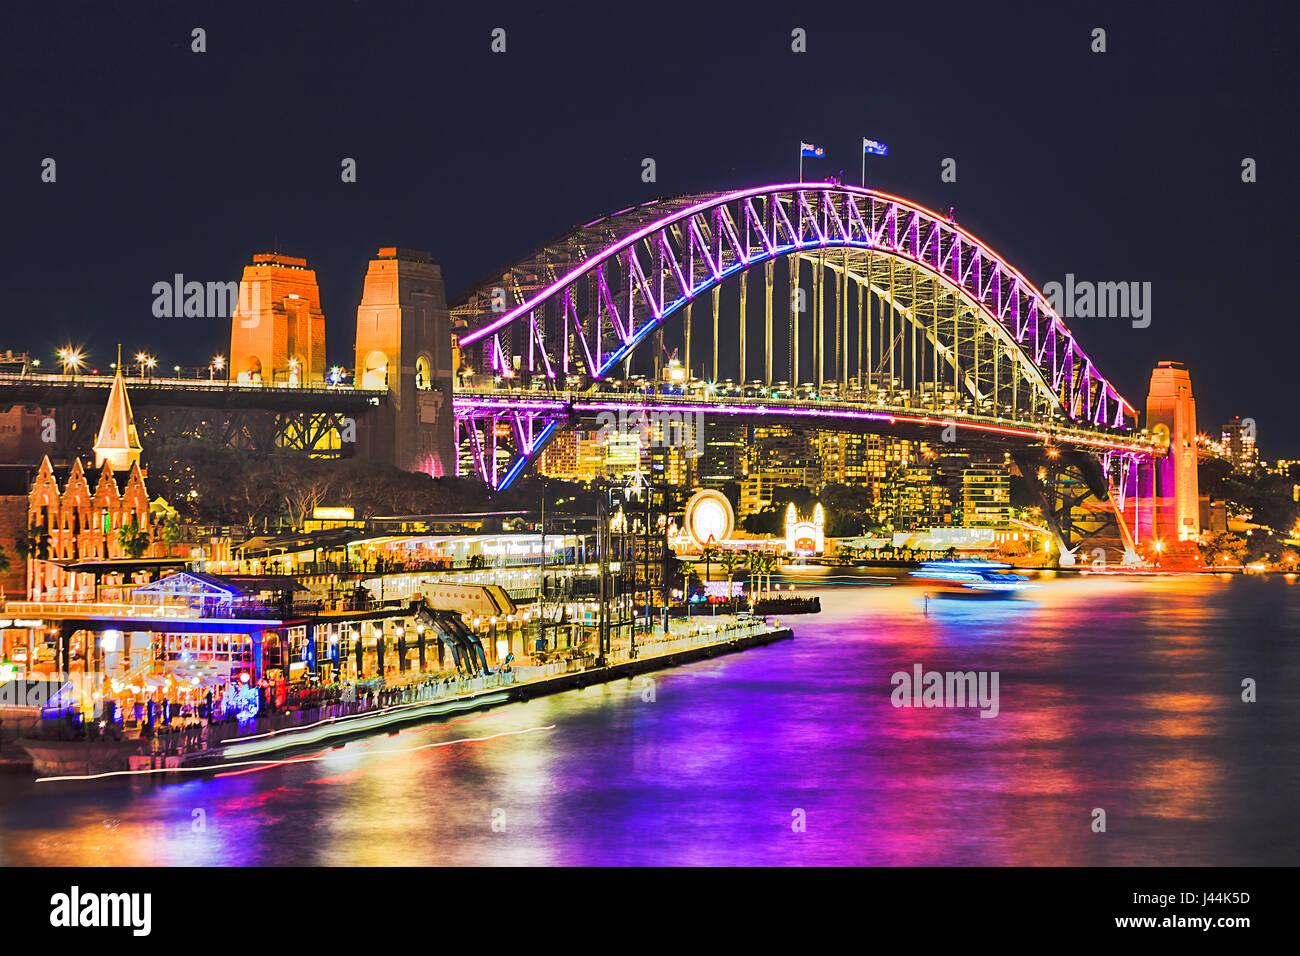 Grande Arche de Sydney Harbour Bridge éclairées pendant light show annuel vivid Sydney Sydney festival. Terminal passagers d'outre-mer et pont Banque D'Images